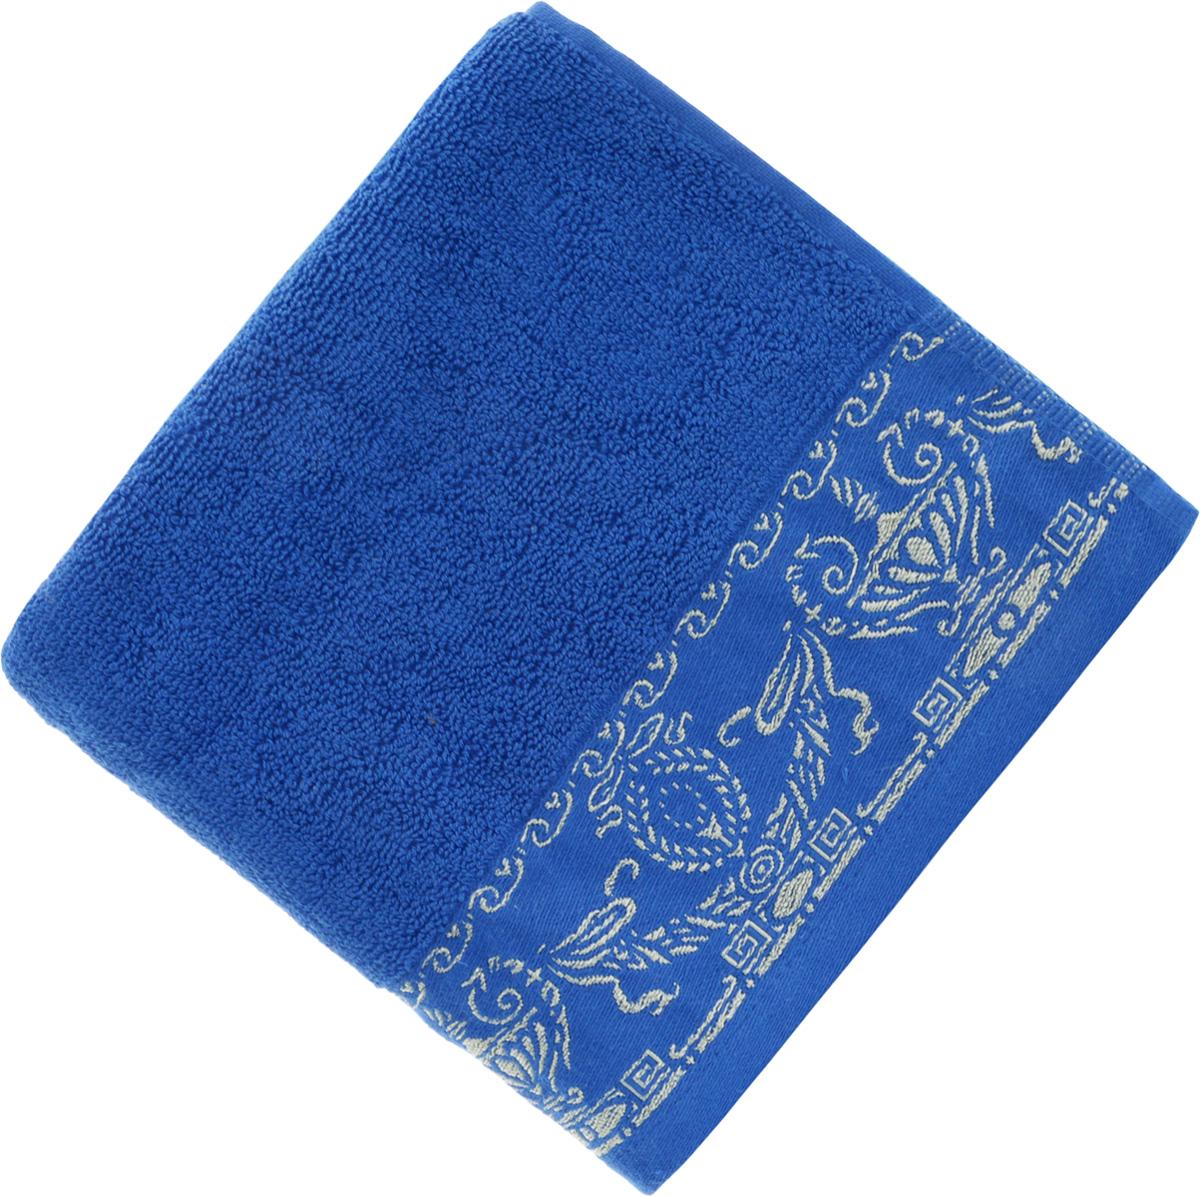 Полотенце Soavita Premium. Амфора, цвет: синий, 45 х 80 см12245Полотенце Soavita Premium. Амфора выполнено из 100% хлопка. Изделие отлично впитывает влагу, быстро сохнет, сохраняет яркость цвета и не теряет форму даже после многократных стирок. Полотенце очень практично и неприхотливо в уходе. Оно создаст прекрасное настроение и украсит интерьер в ванной комнате.